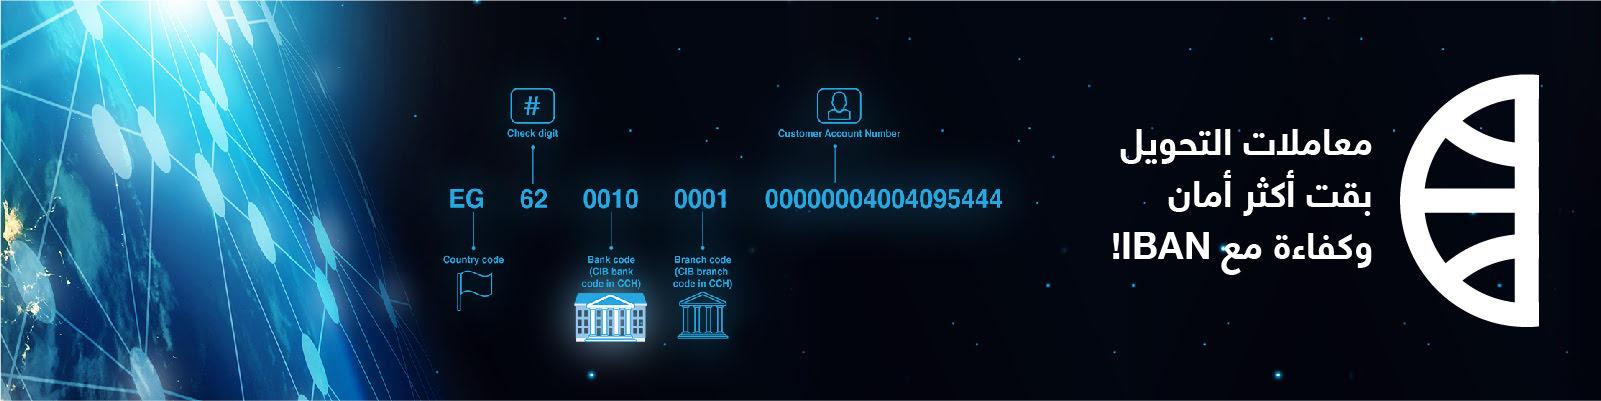 ايبان سويفت كود بنك CIB في مصر